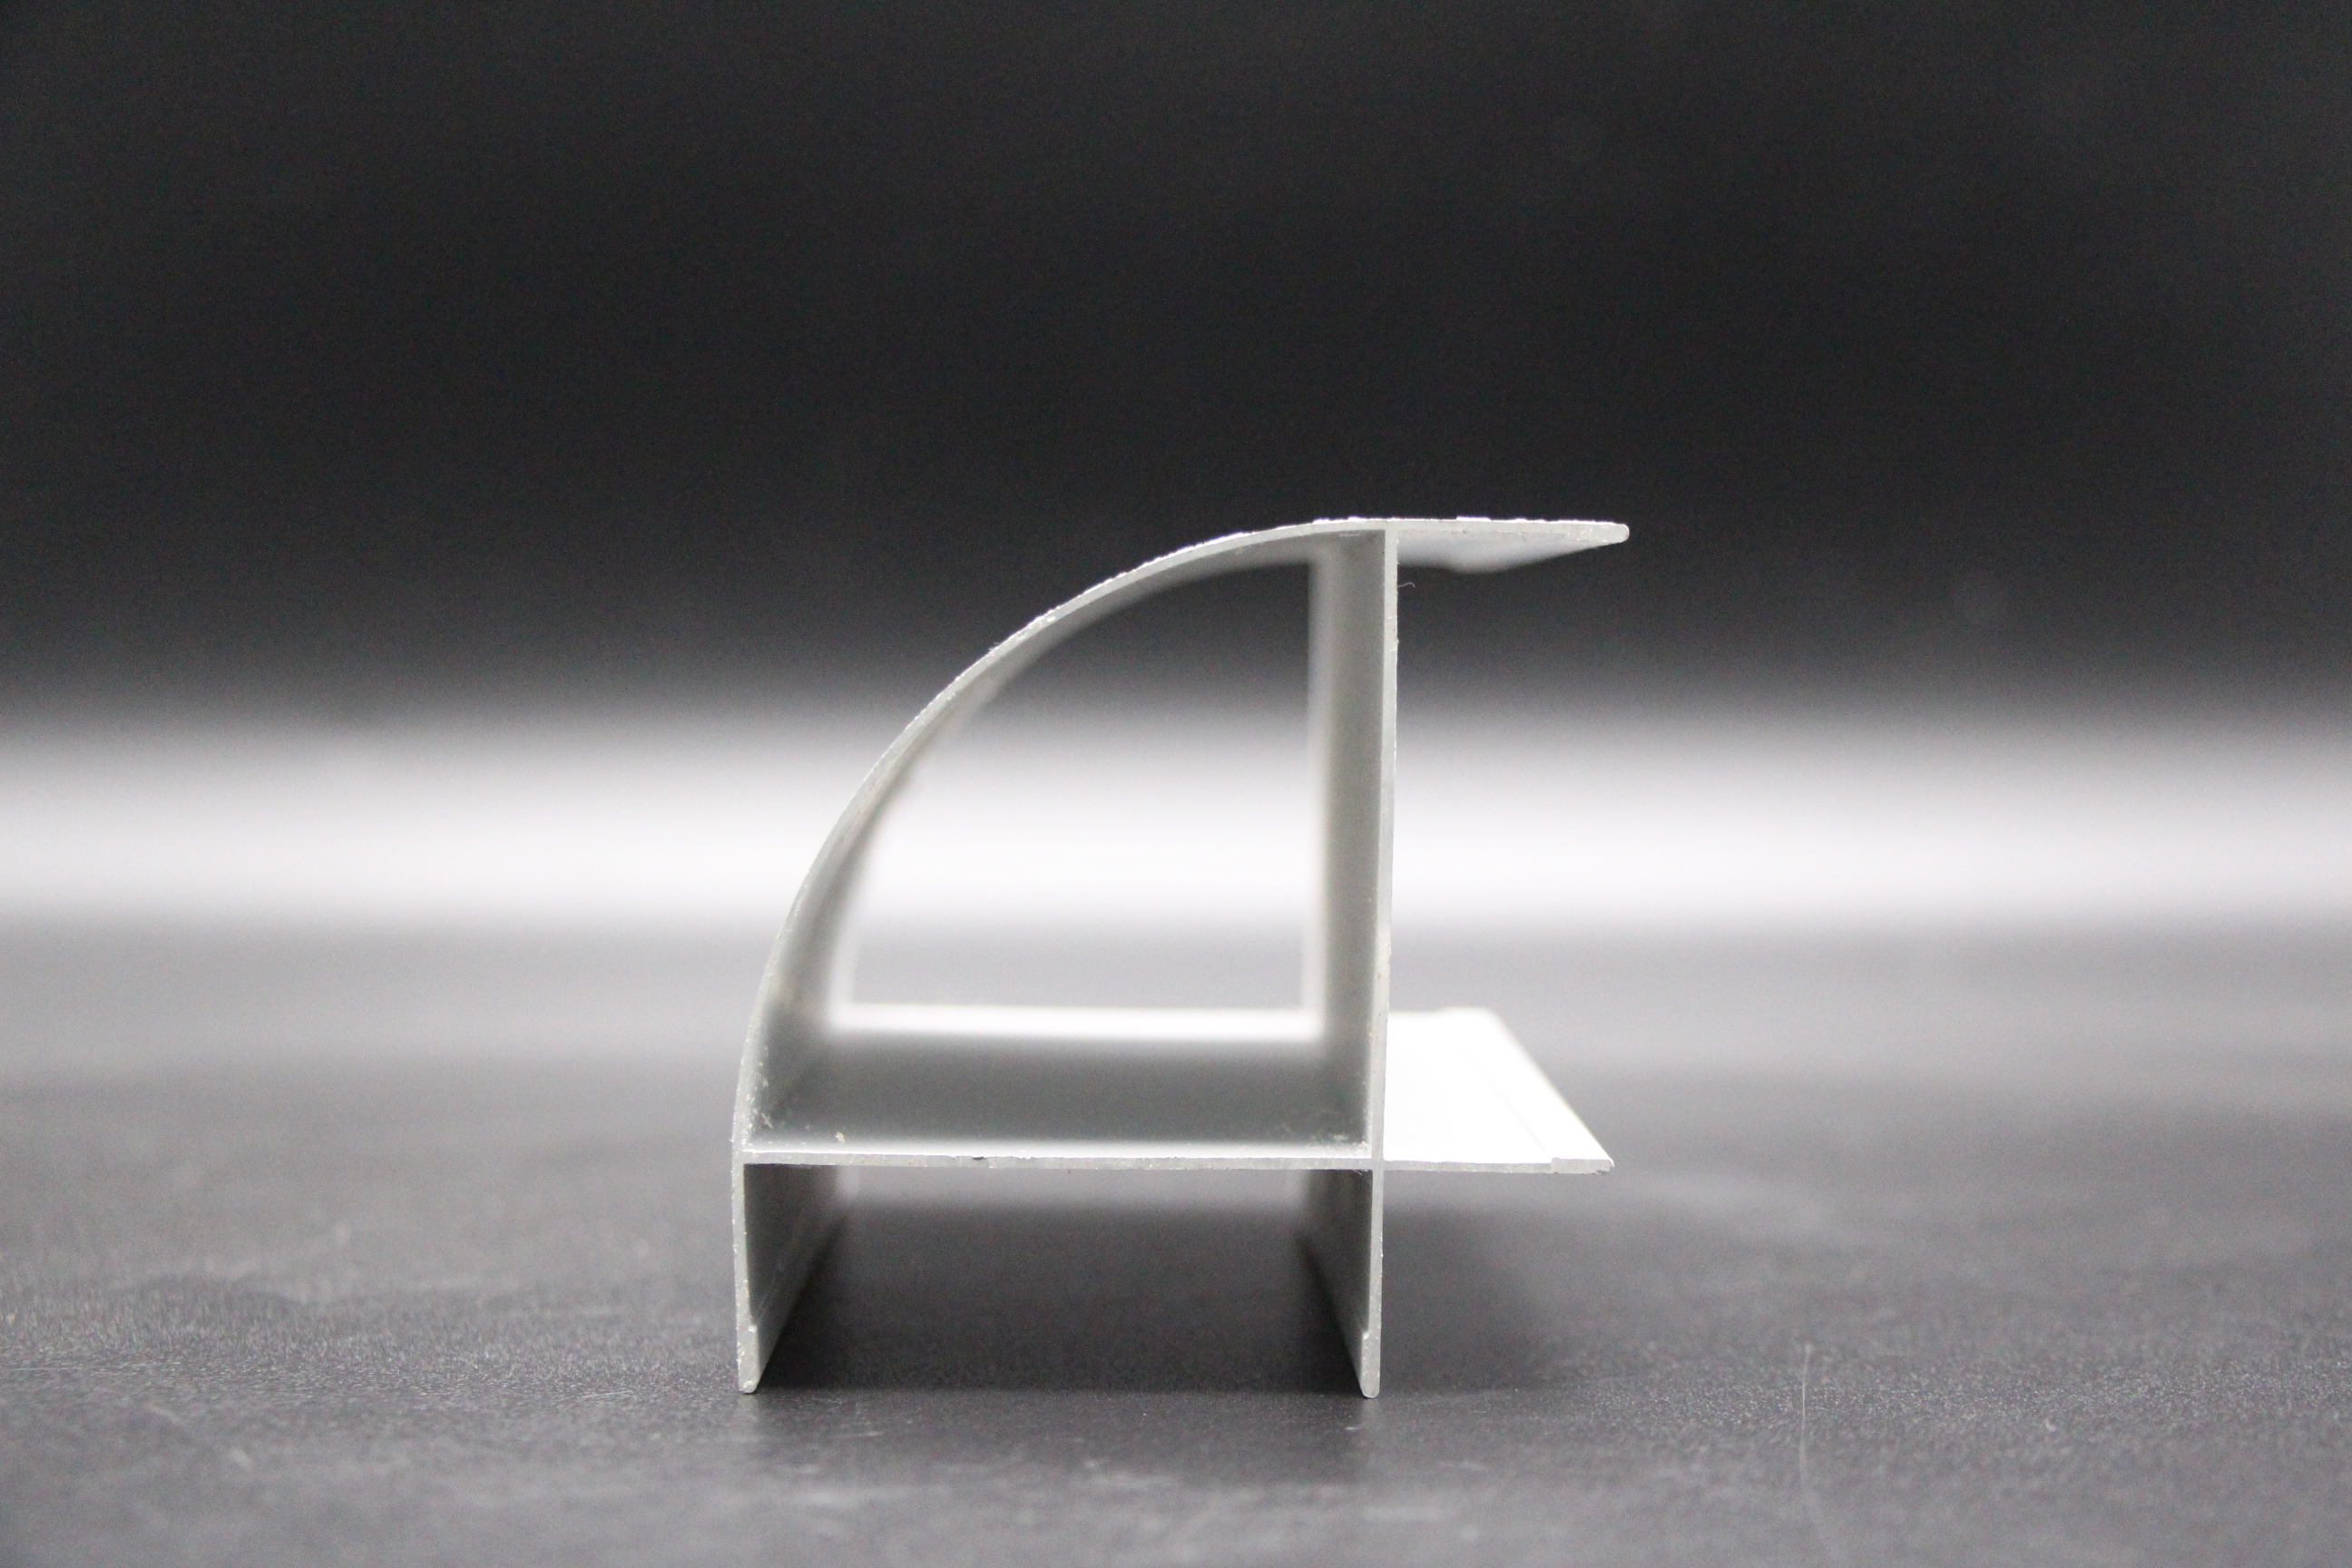 50外圆角铝